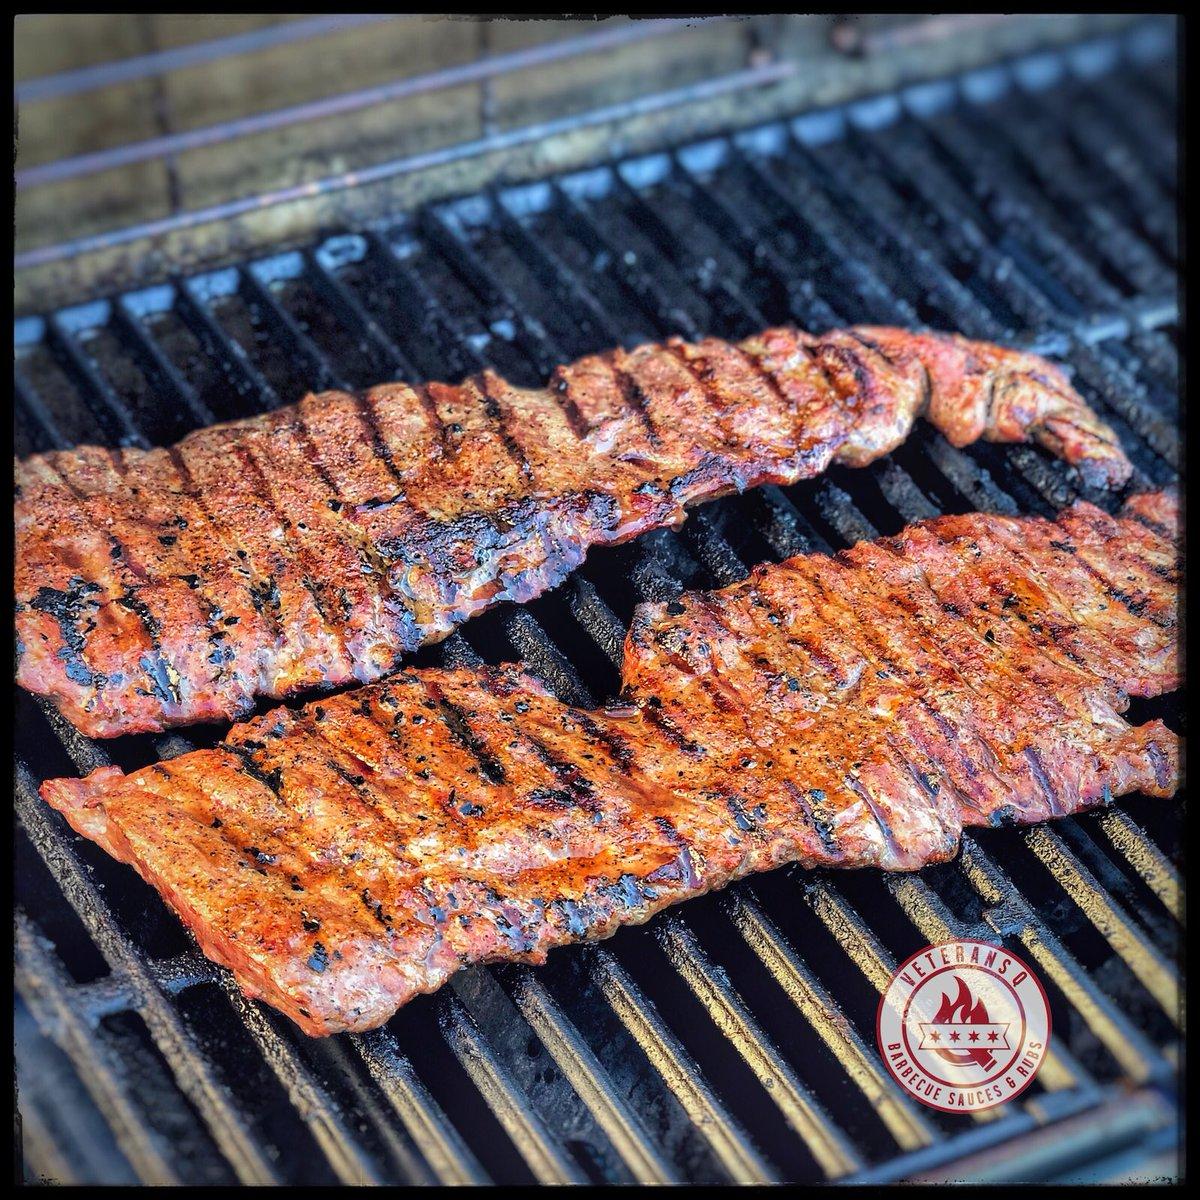 Skirt steak seasoned with Veterans Q Chicken & Pork Rub. #legit   #veteransq #vqnation #steak #chicagobbq #bbqnation #skirtsteak #grill #weber #grilling #summertime #illinoisbbq #bbq #yup #tadowpic.twitter.com/AthzsEgtYS